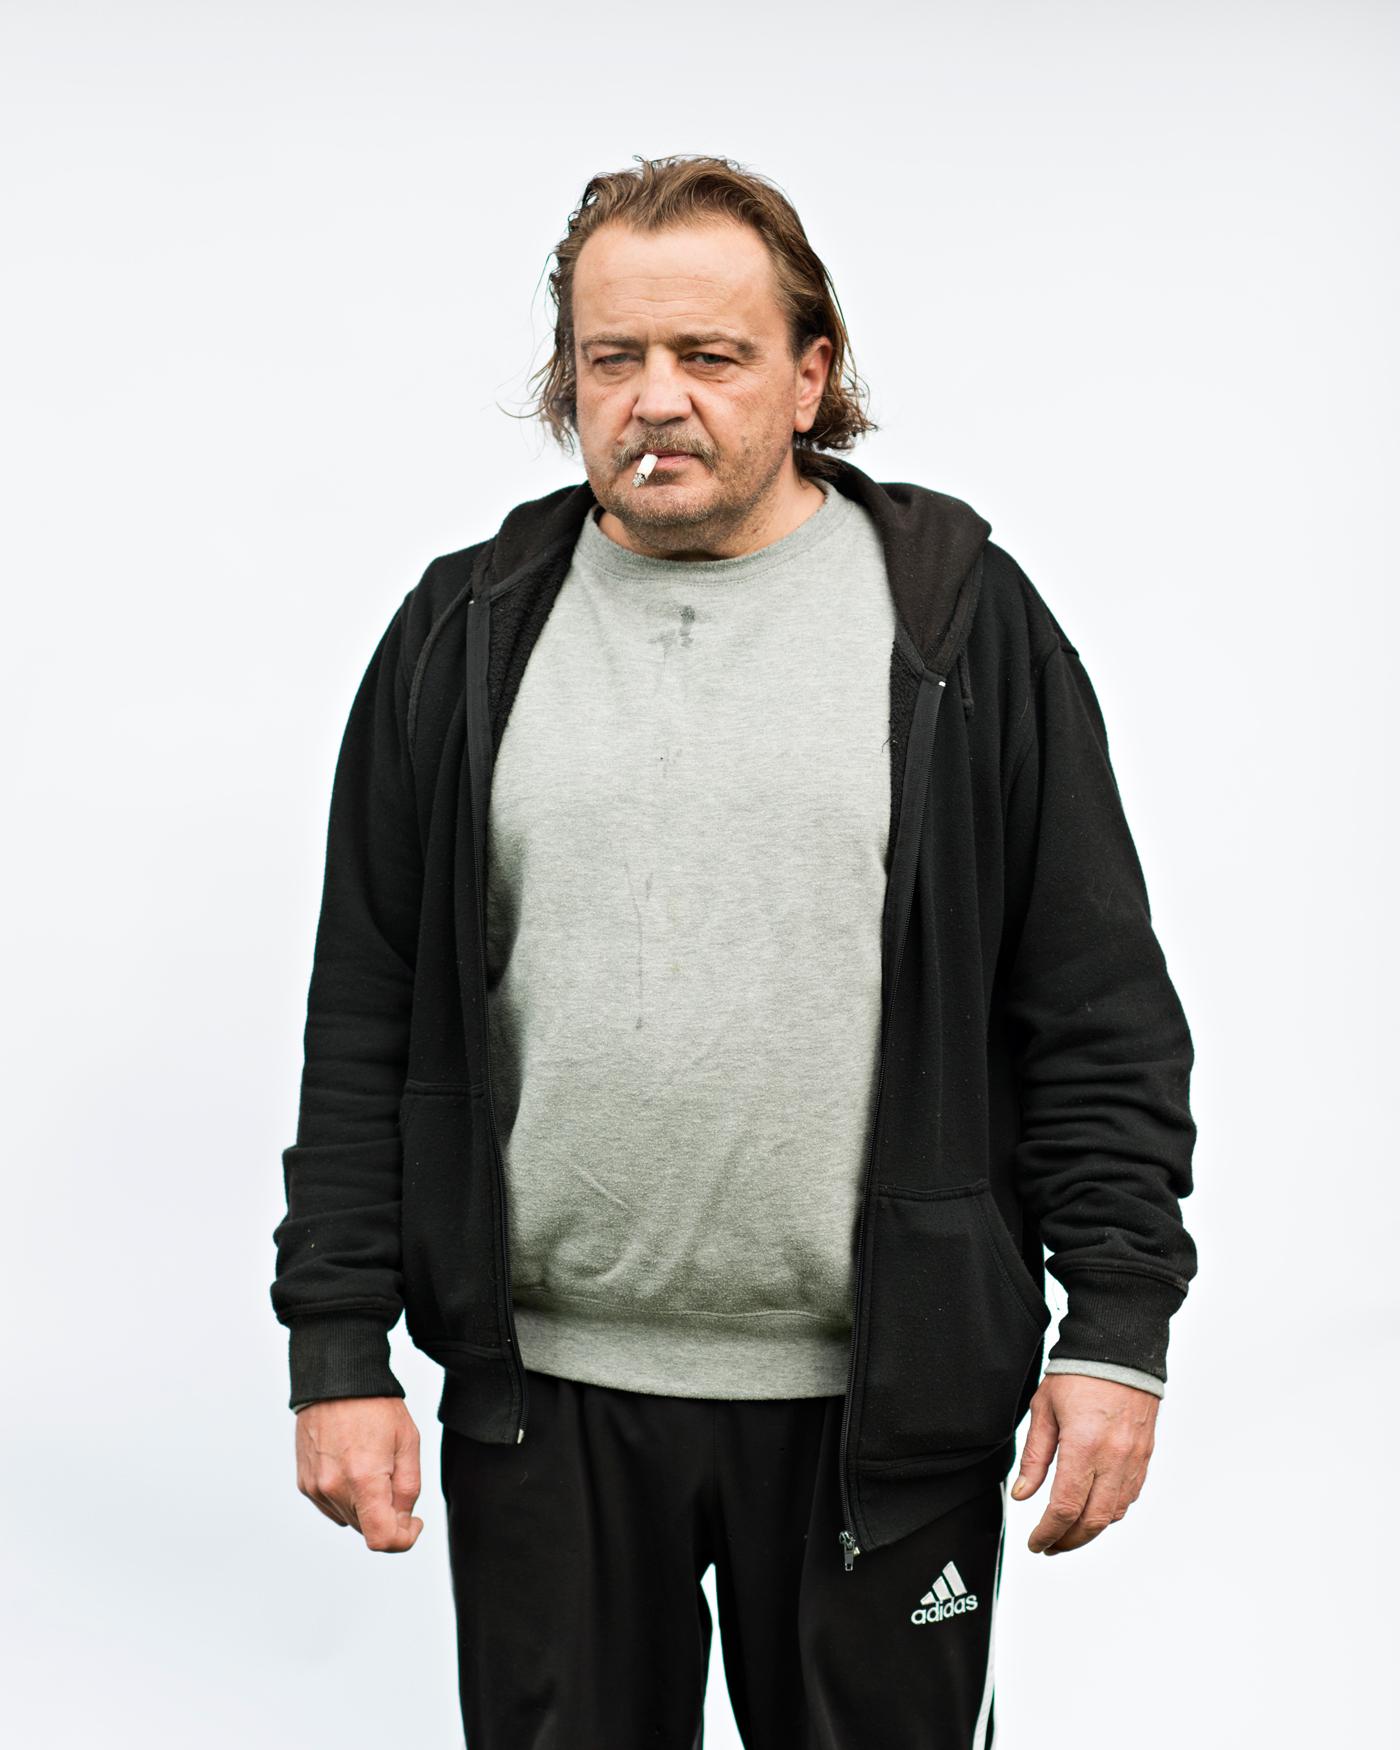 UFO witness Ingmar Lillevold. September 2012.